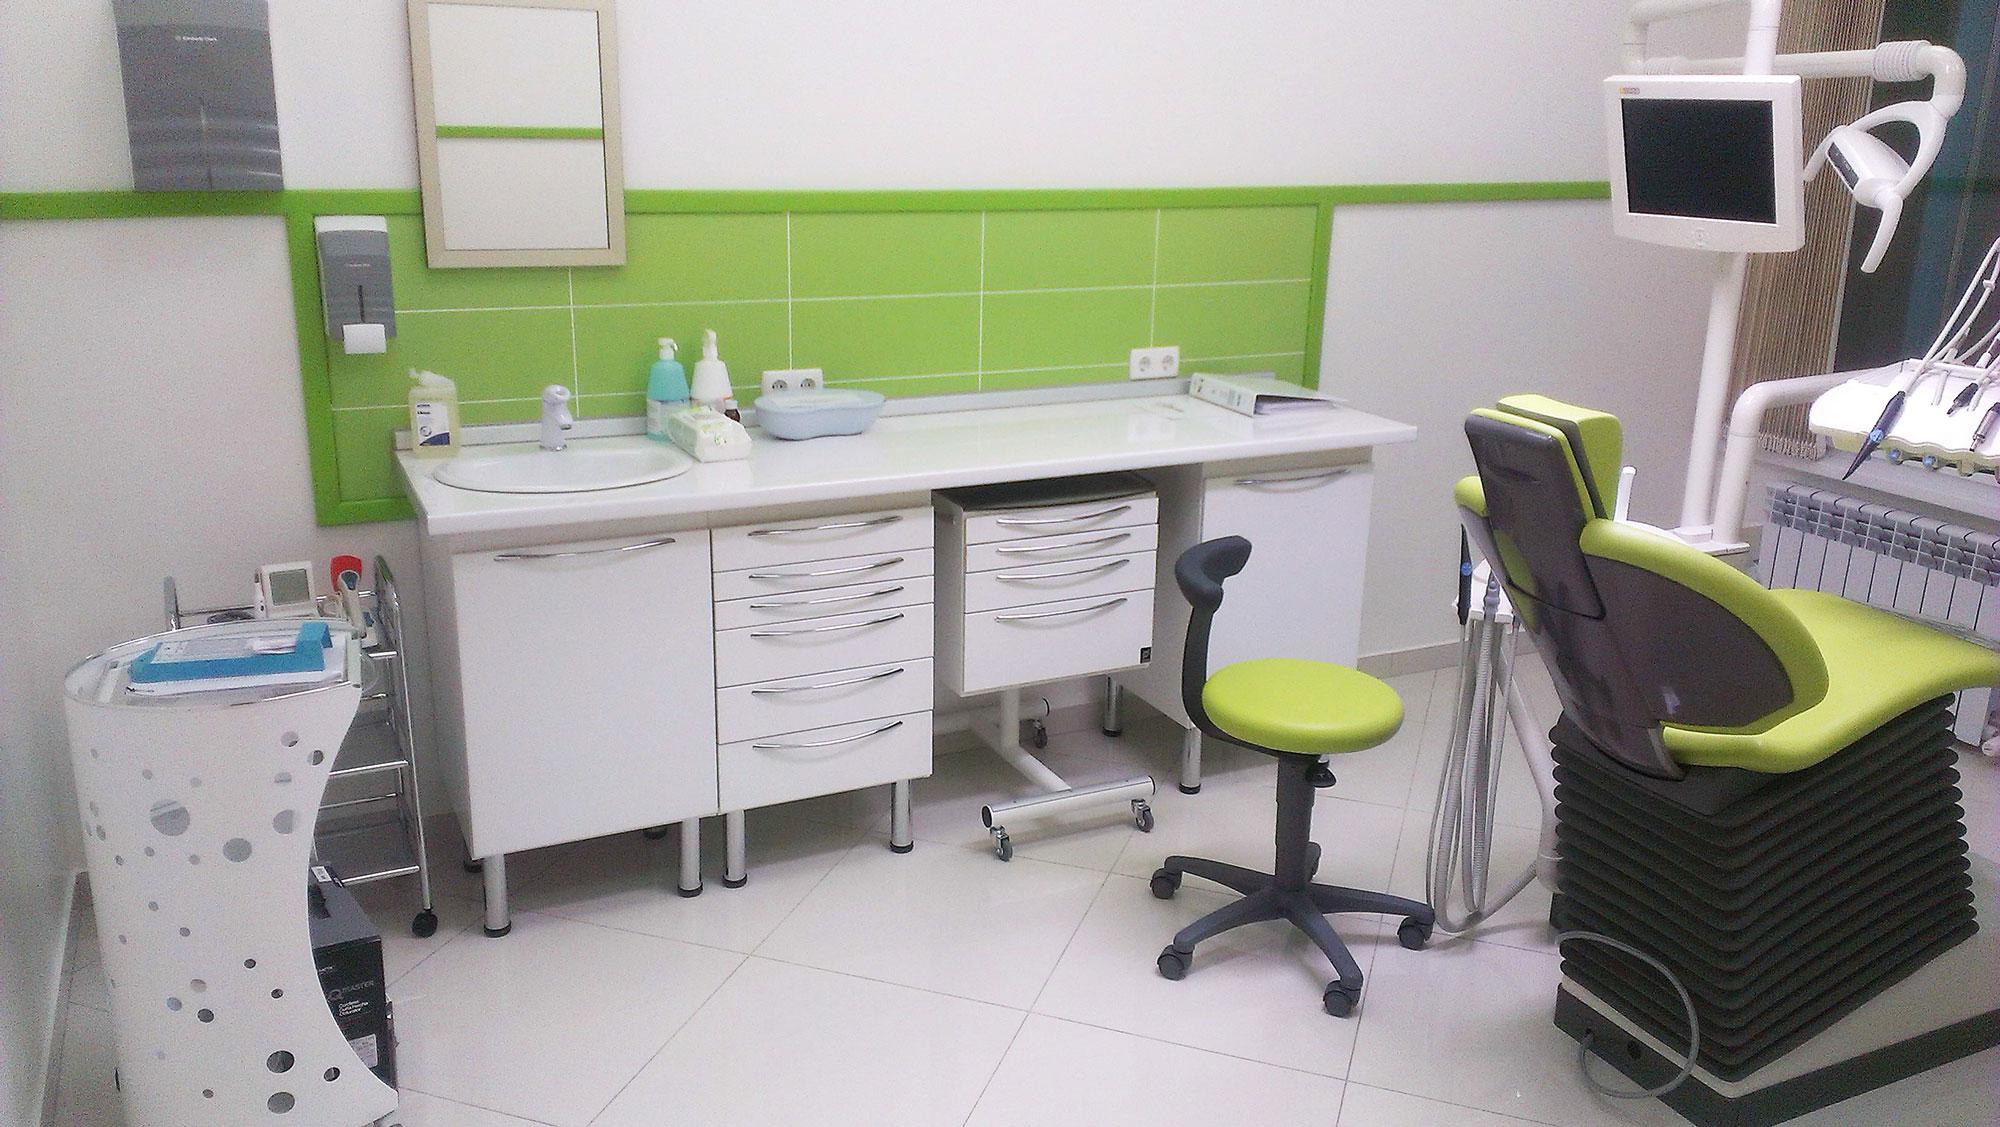 Стоматологическая клиника «Dent-Lux», г. Астана, Казахстан